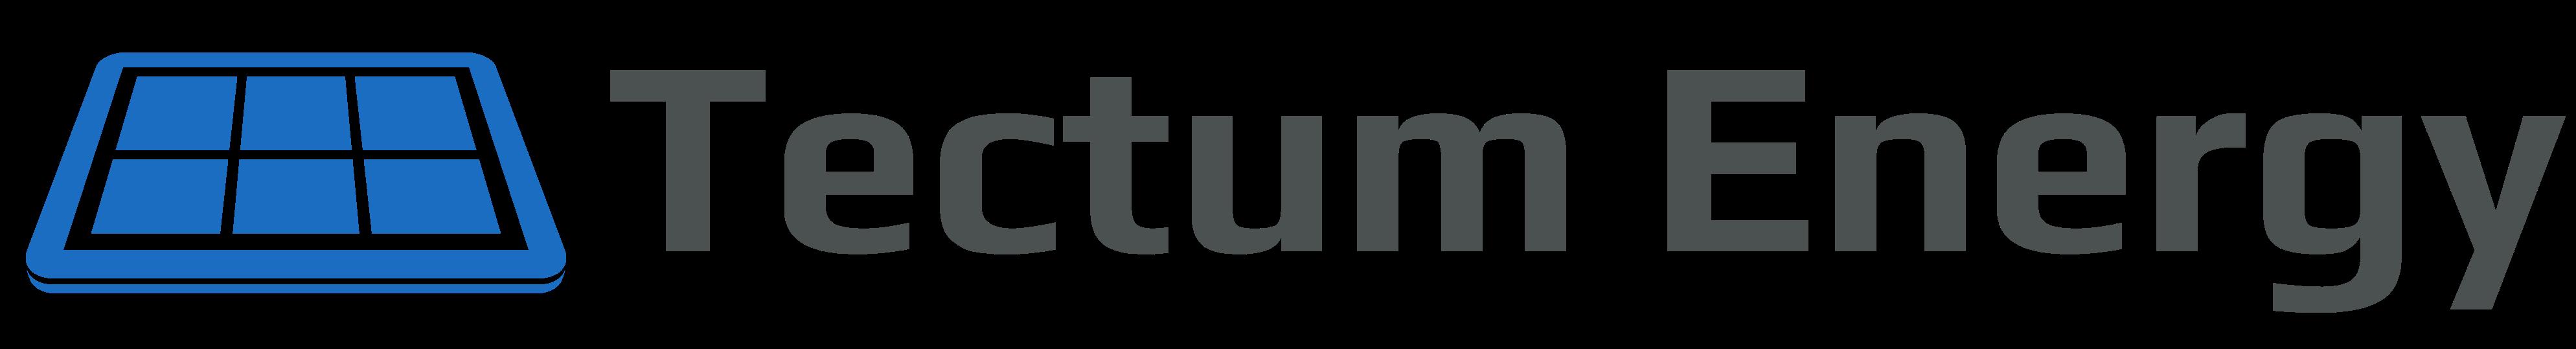 Tectum Energy Logo